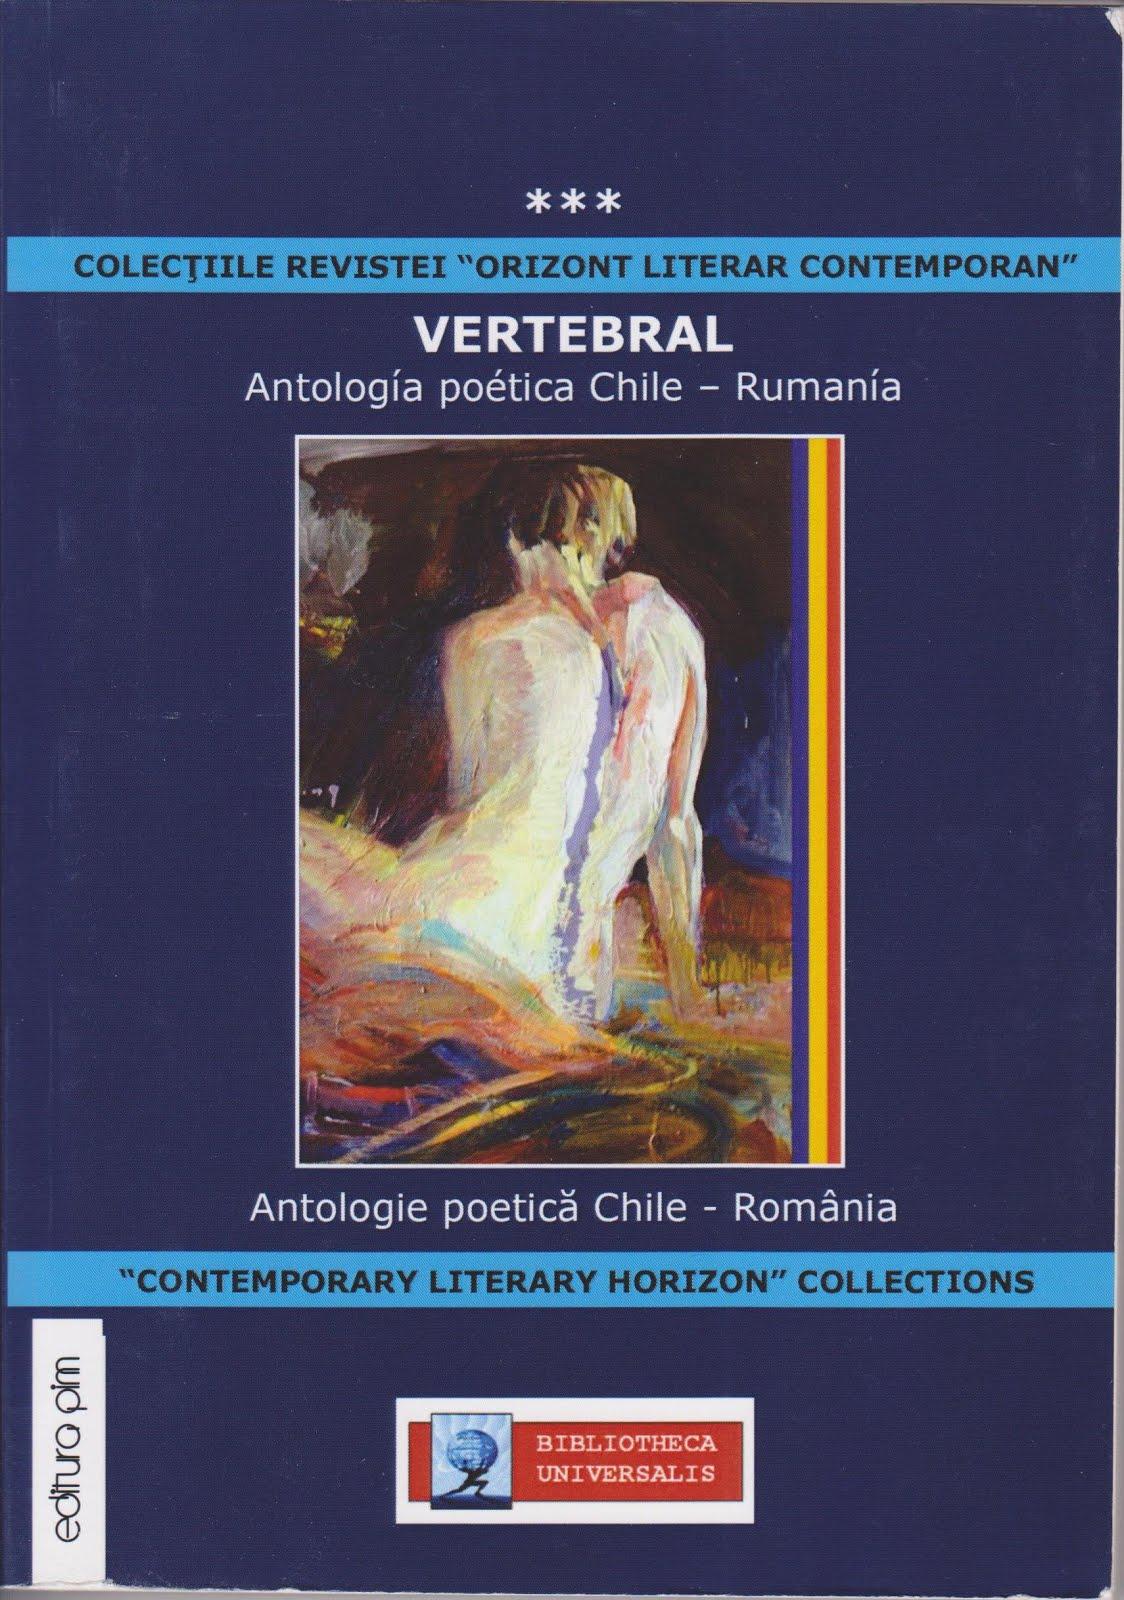 VERTEBRAL Antología poética español-rumano (Ed. Pim, Iasi, Rumania, 2017)